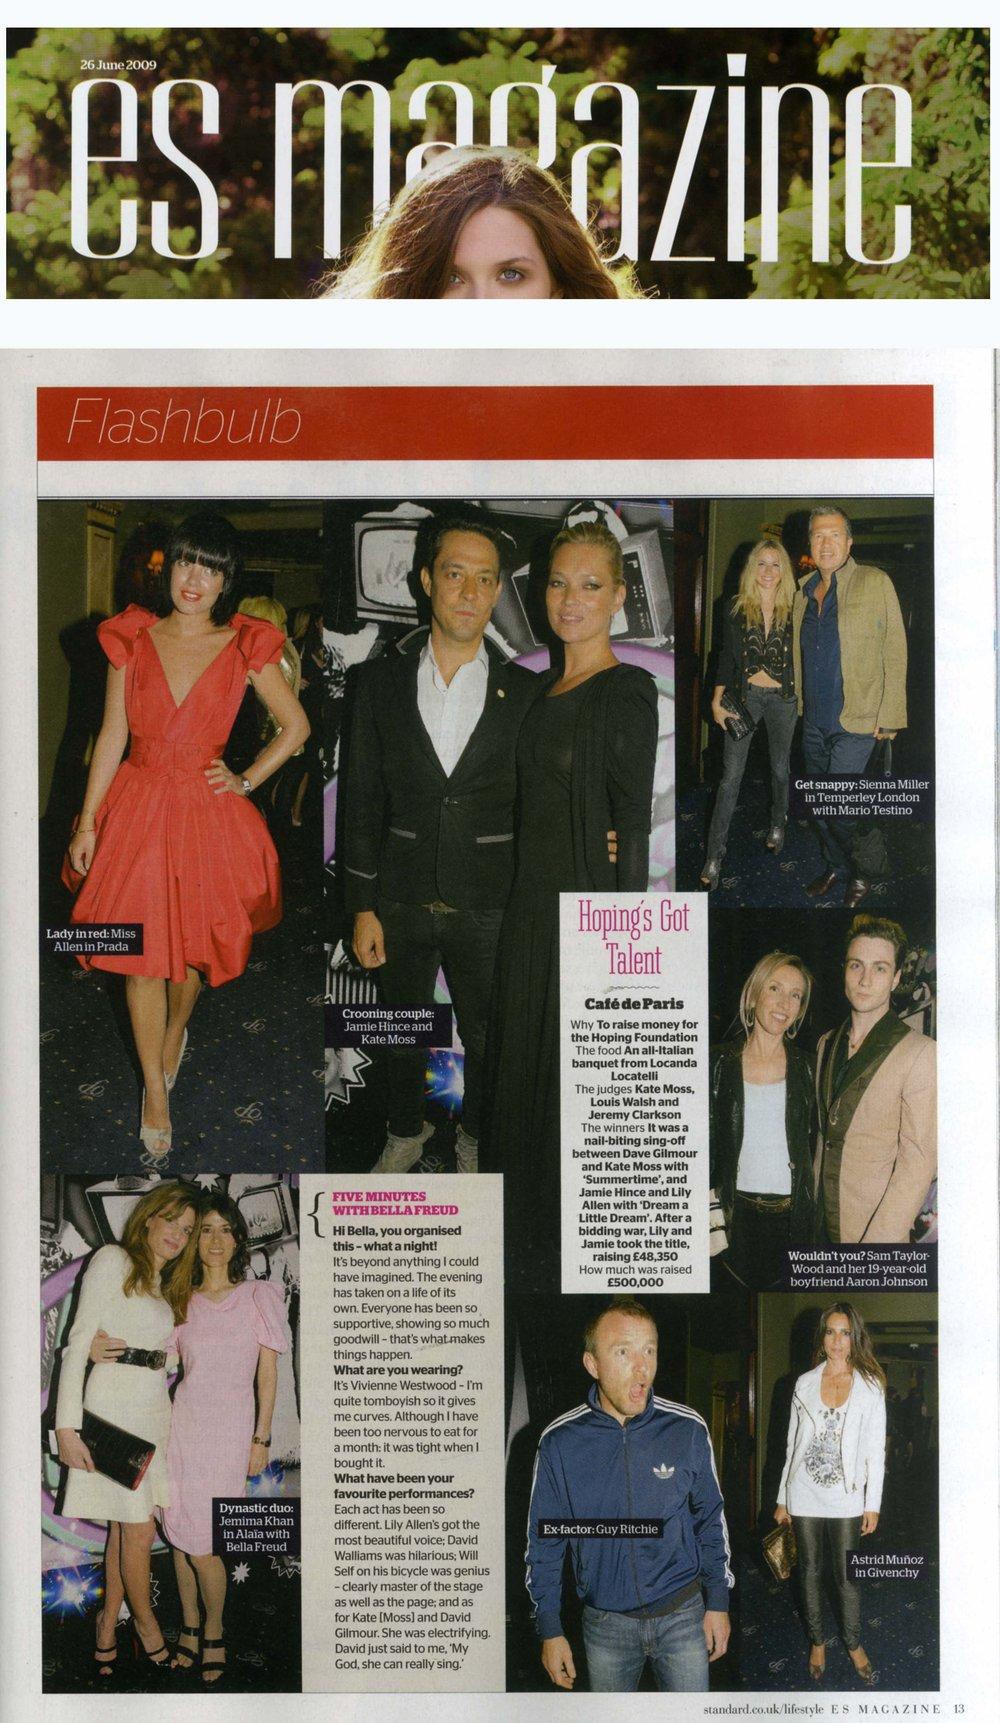 es magazine 090626.jpg